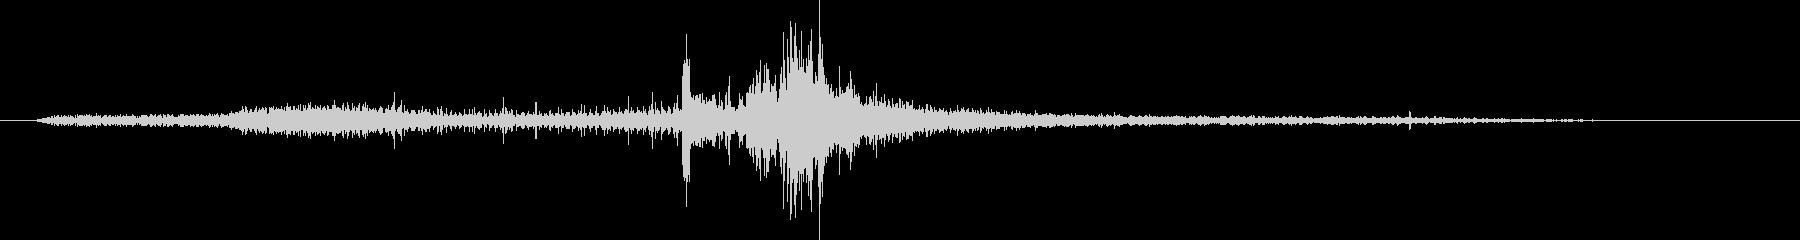 タイガーモス:イン/ランド/ブレー...の未再生の波形